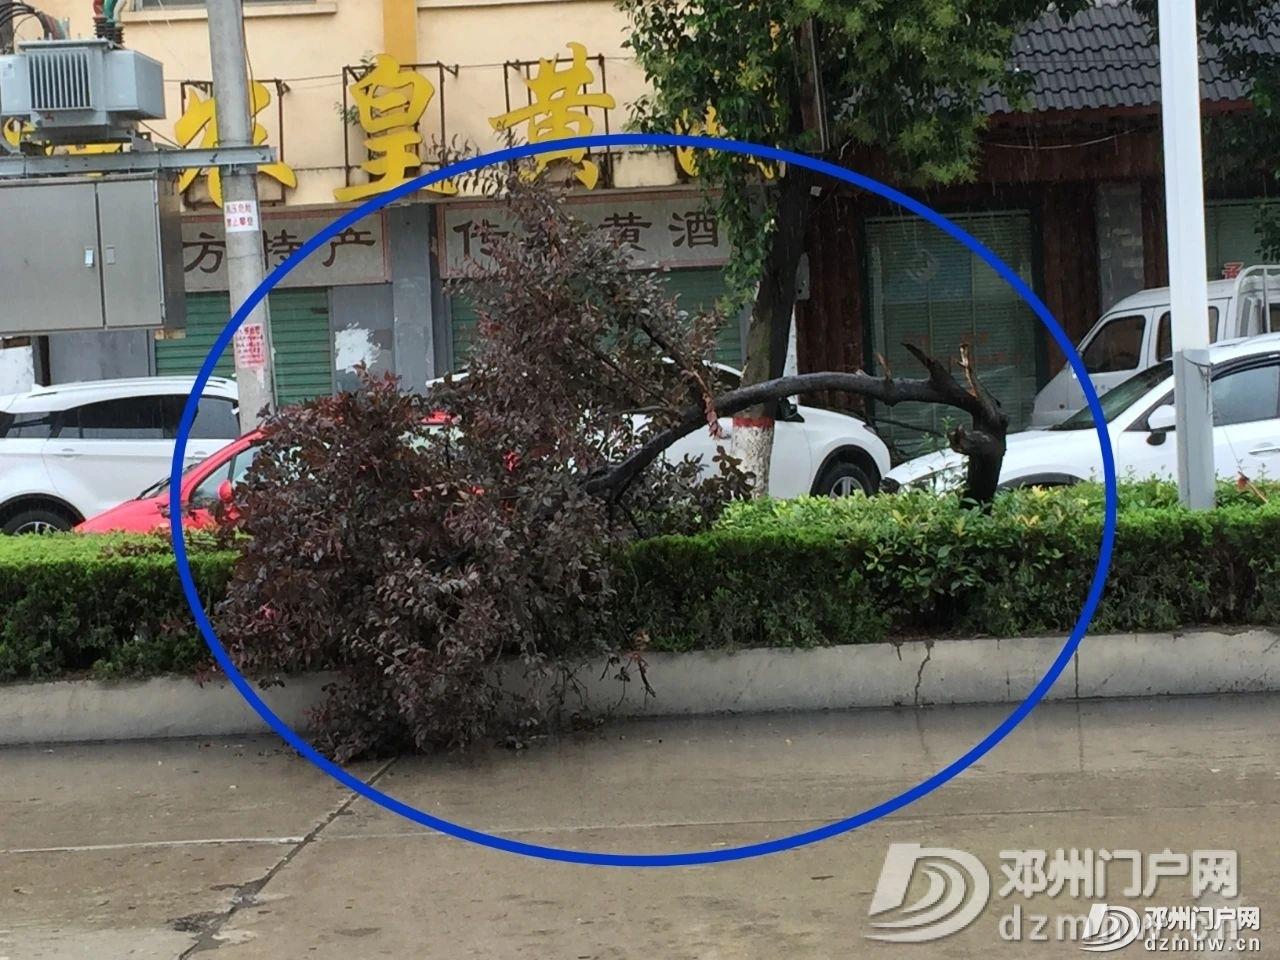 实拍!这就是今天的邓州:狂风暴雨,大树掀翻、道路被堵!已发布暴雨黄色预警... - 邓州门户网|邓州网 - edcb6ffbc2a0a54c517d20d9cde4378b.jpg